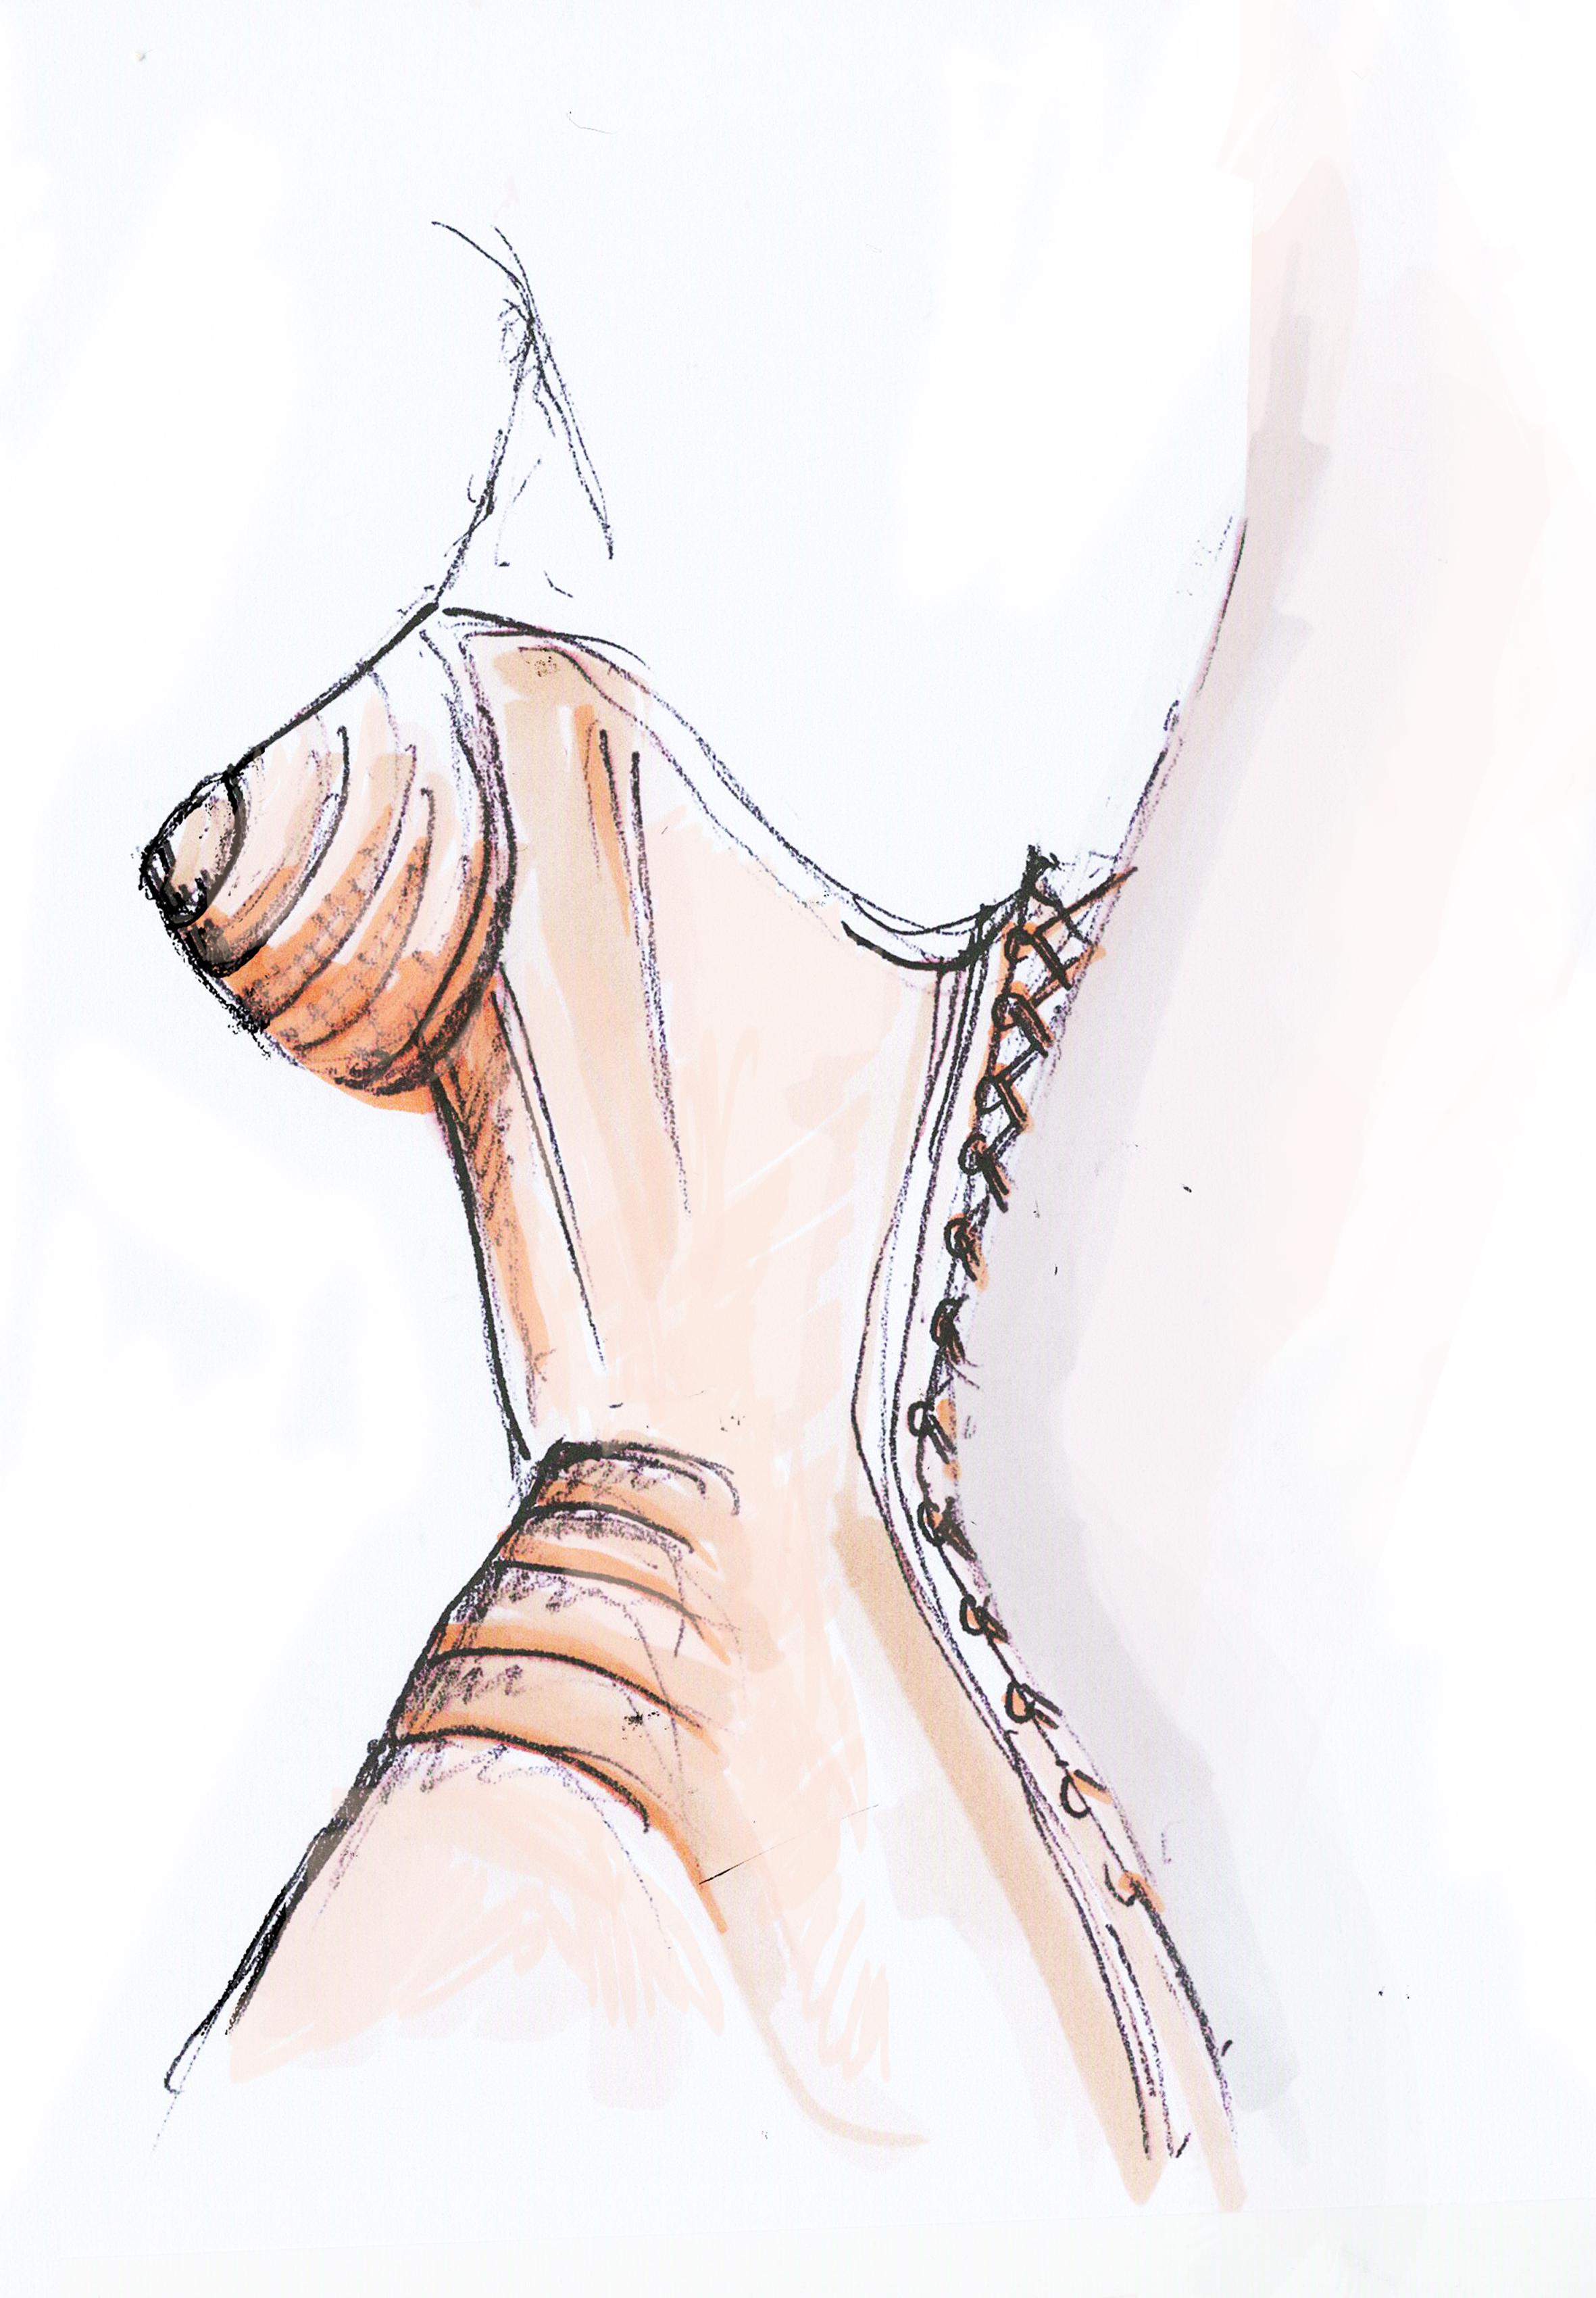 Jean Paul Gaultier Classique Belle en Corset2.jpg